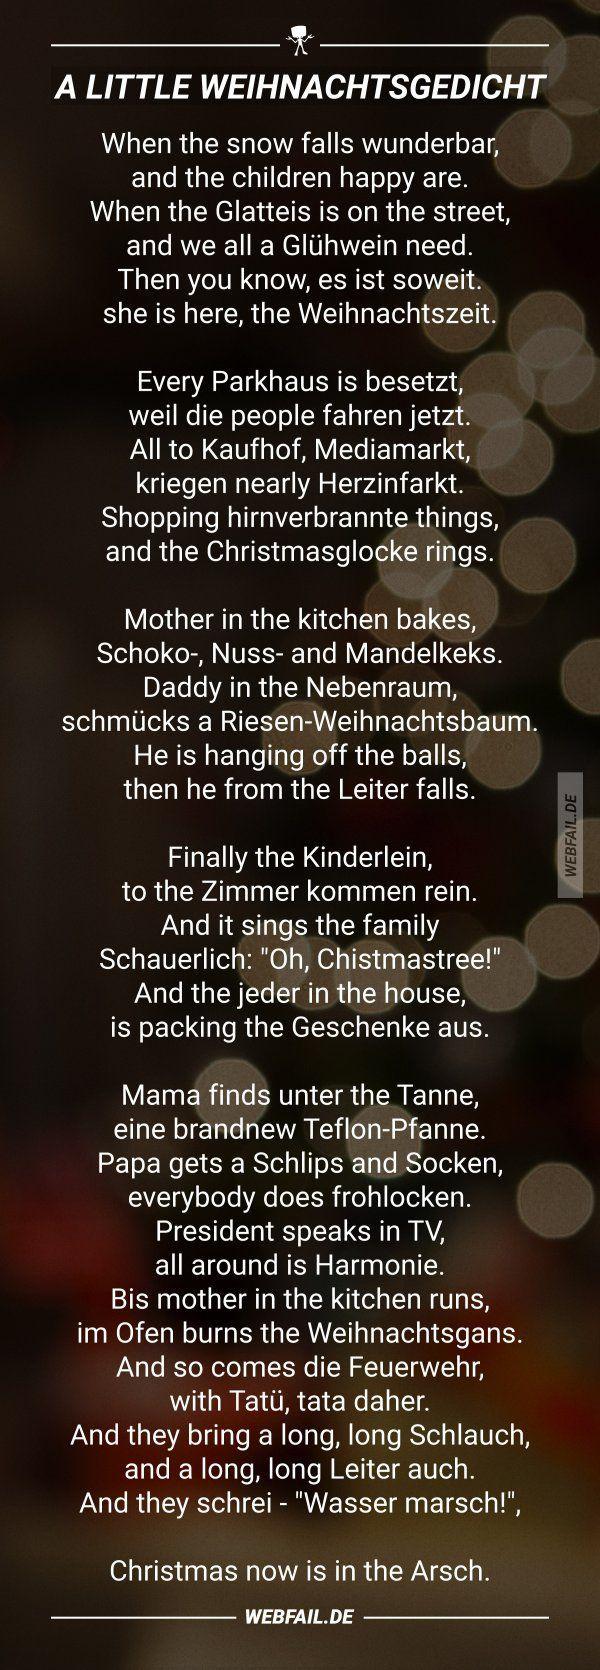 Lustige Gedichte Zur Weihnachtszeit | Gedicht Weihnachten bei Lustige Gedichte Zur Weihnachtszeit